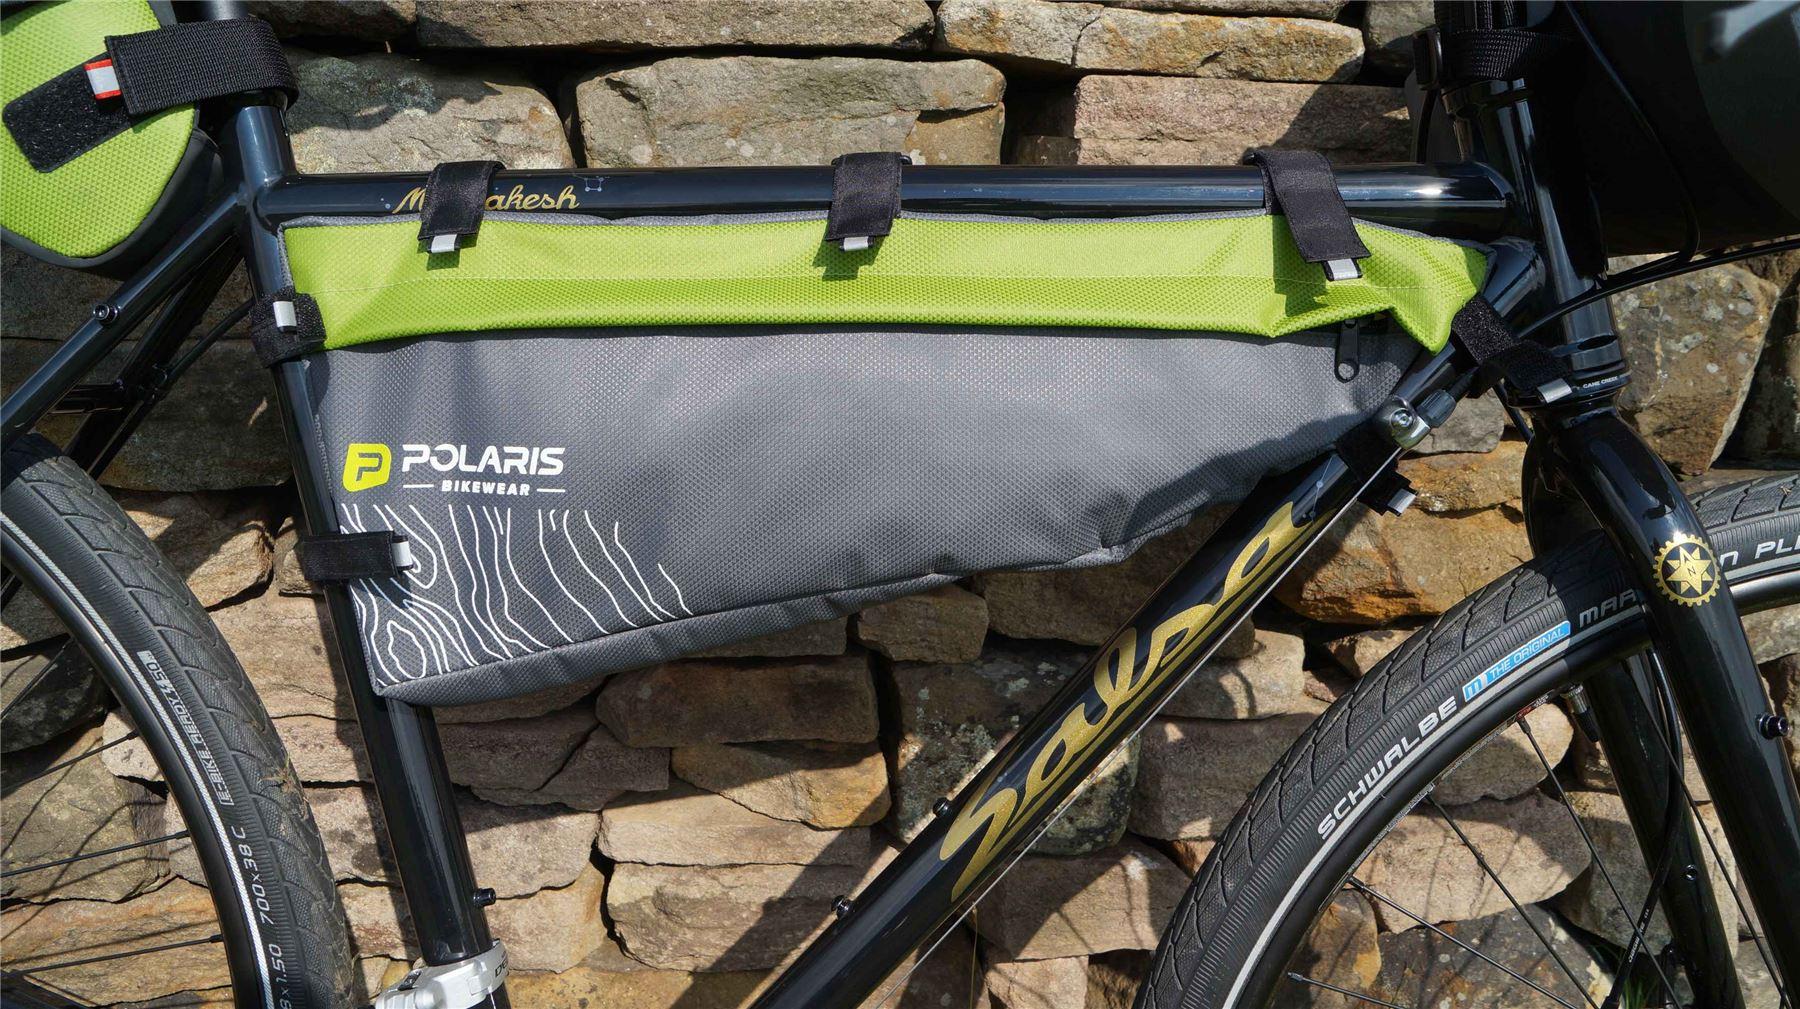 Polaris VENTURA SEATPACK MAX Green 9 ltr Bikepacking pack